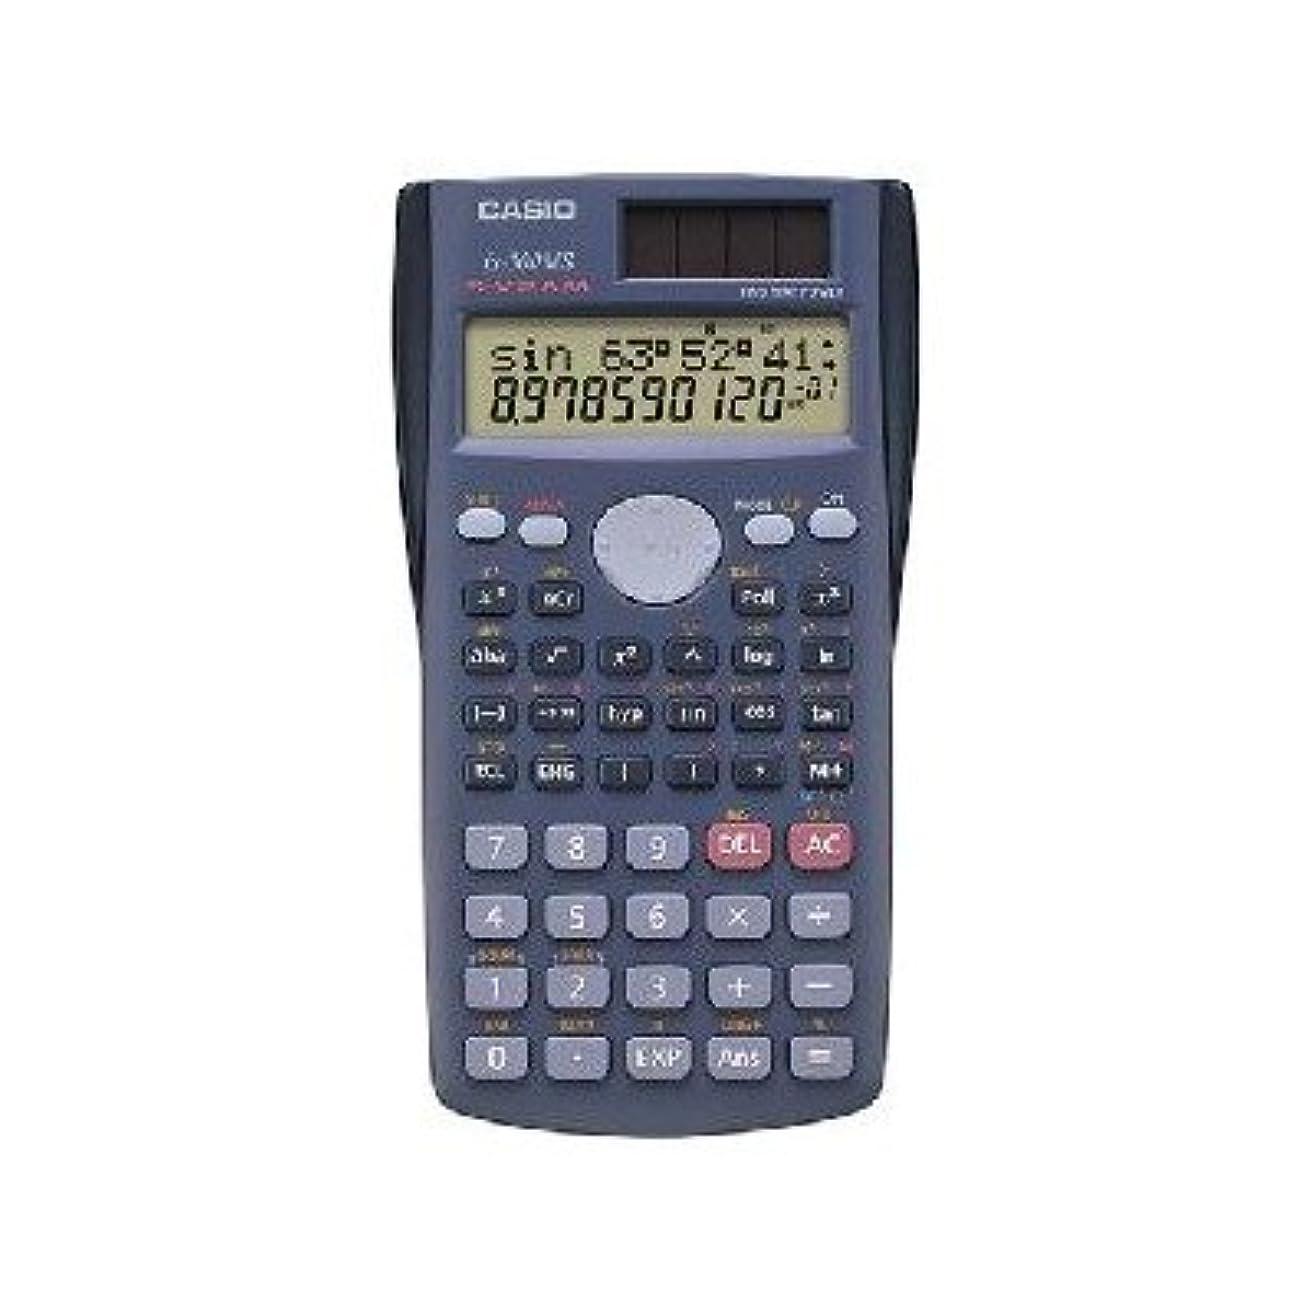 うるさい速報項目2t47054?–?Casio fx-300ms Scientific Calculator